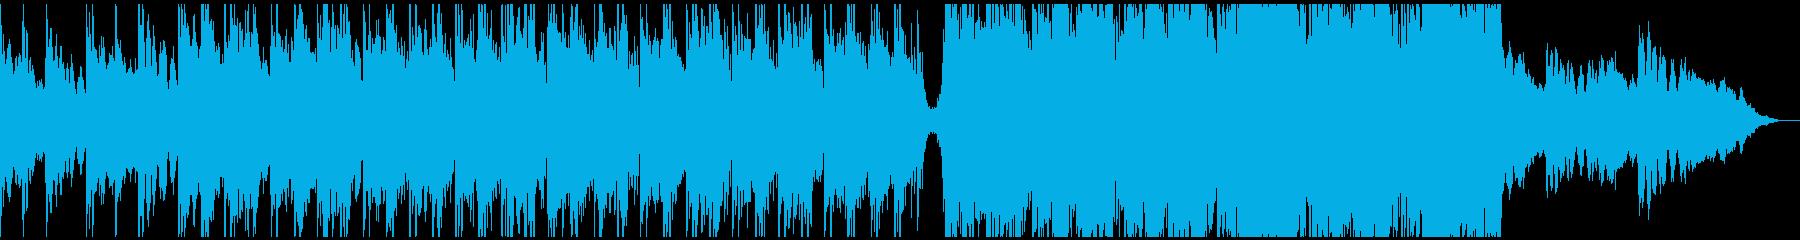 重厚感あるシネマティックトレーラーの再生済みの波形